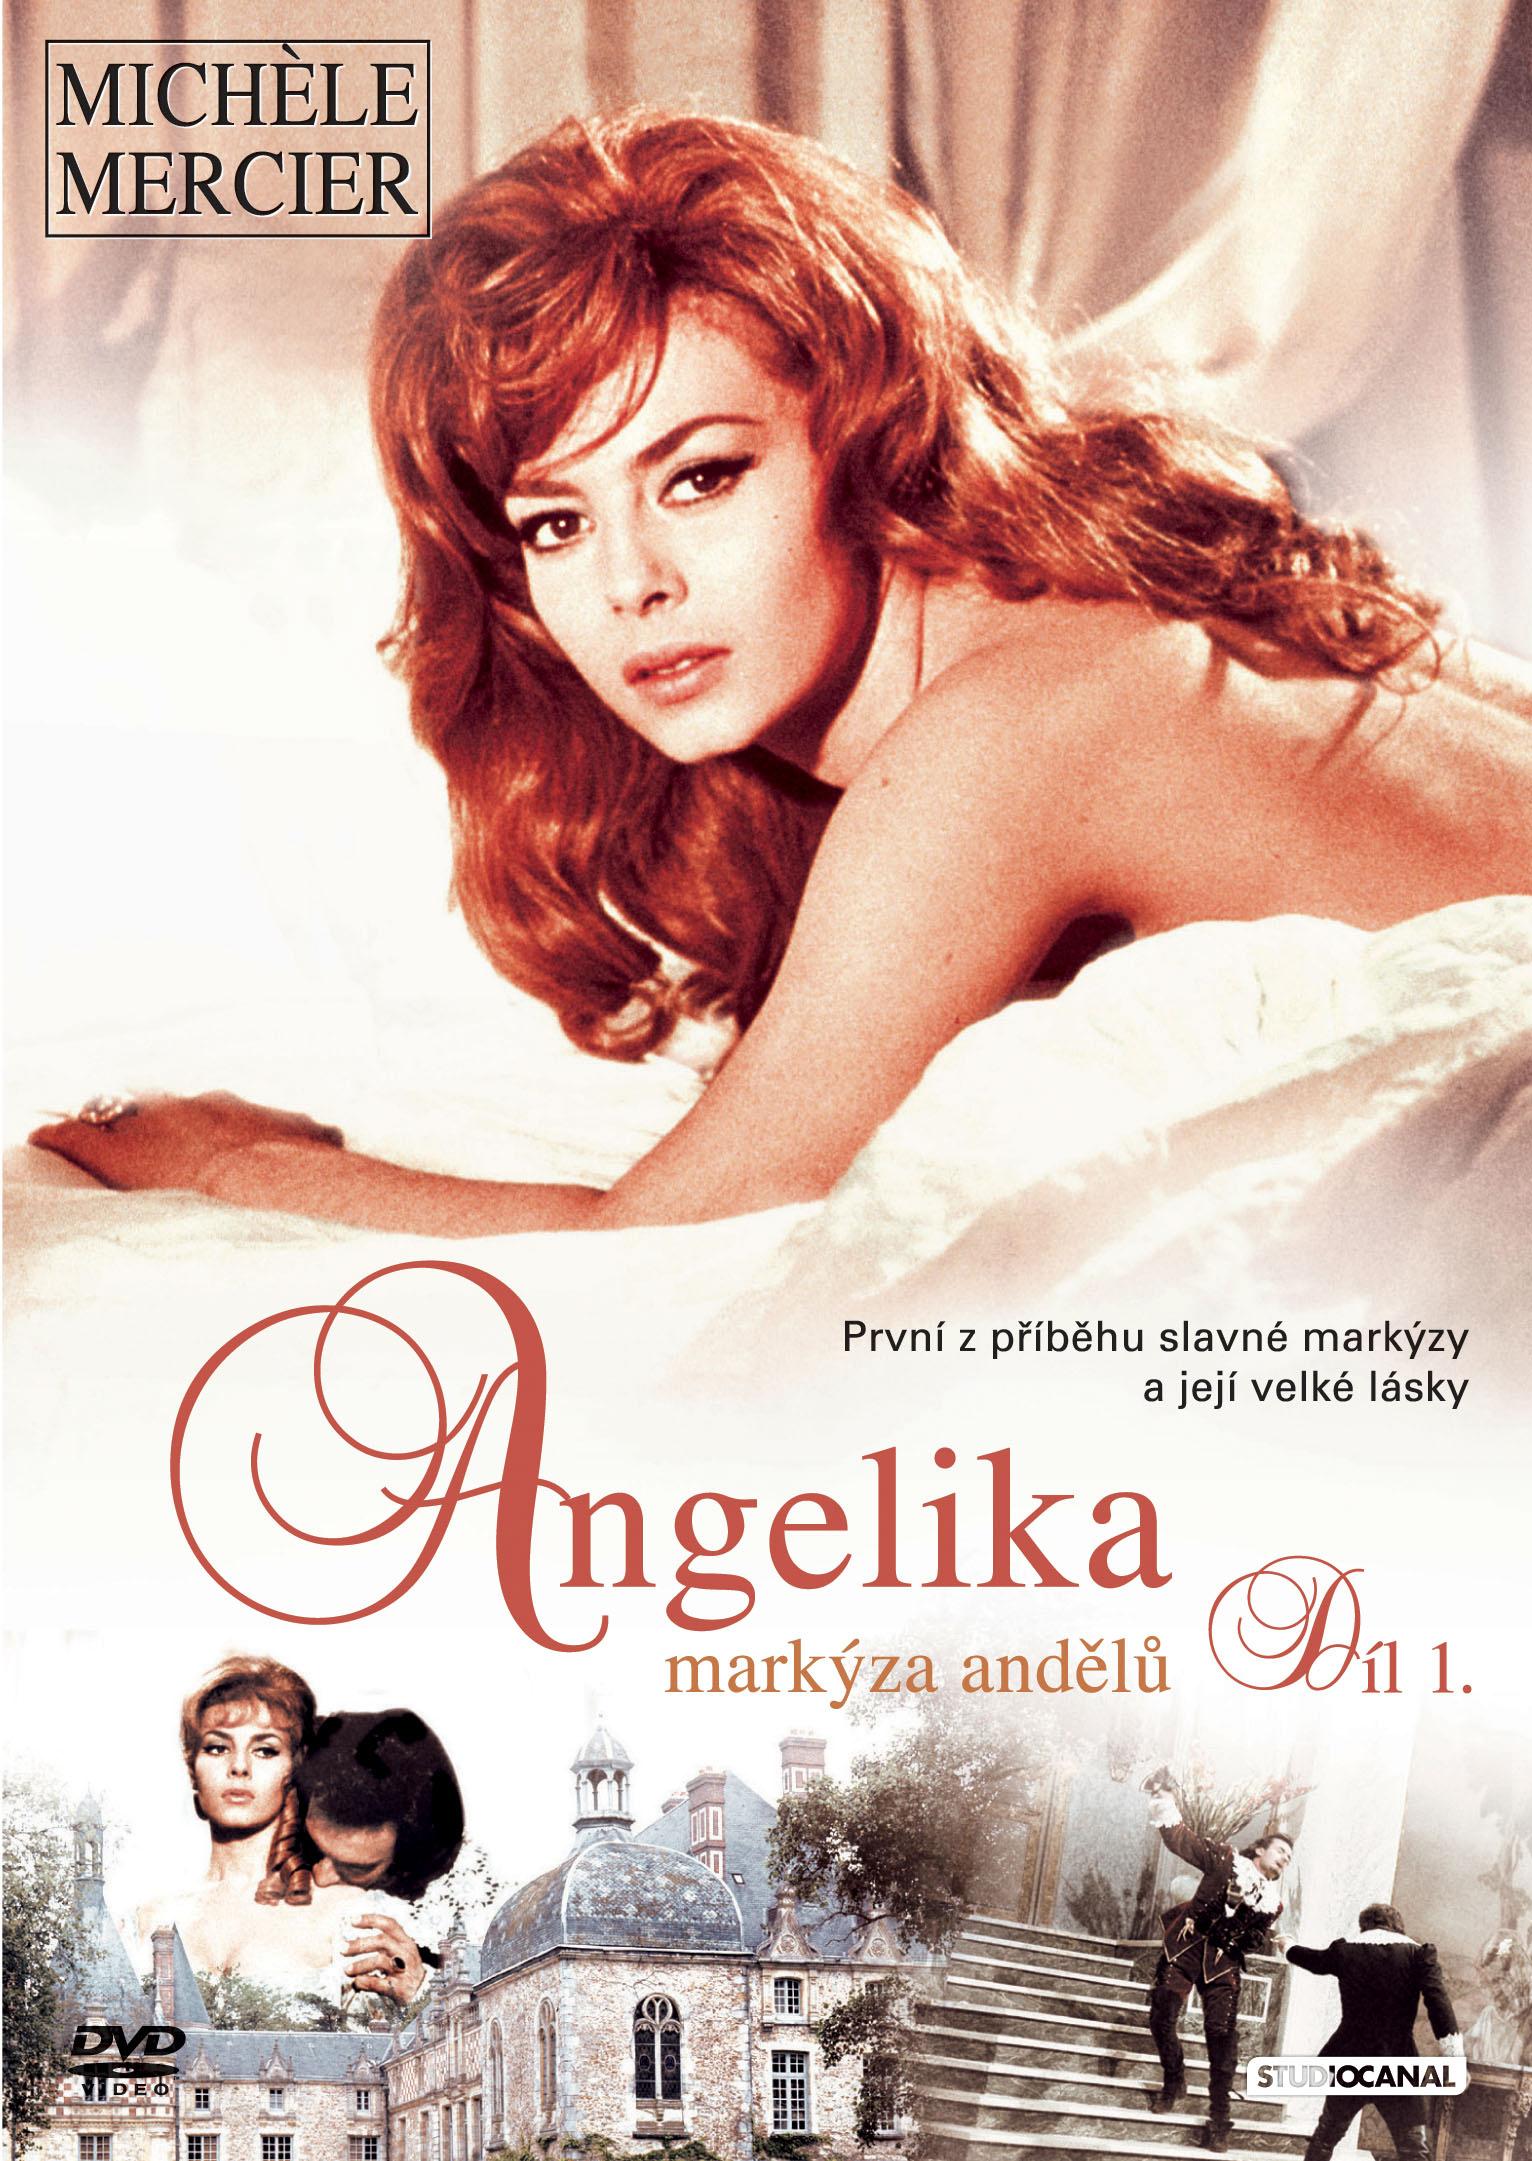 Spustit online film zdarma Angelika, markýza andělů